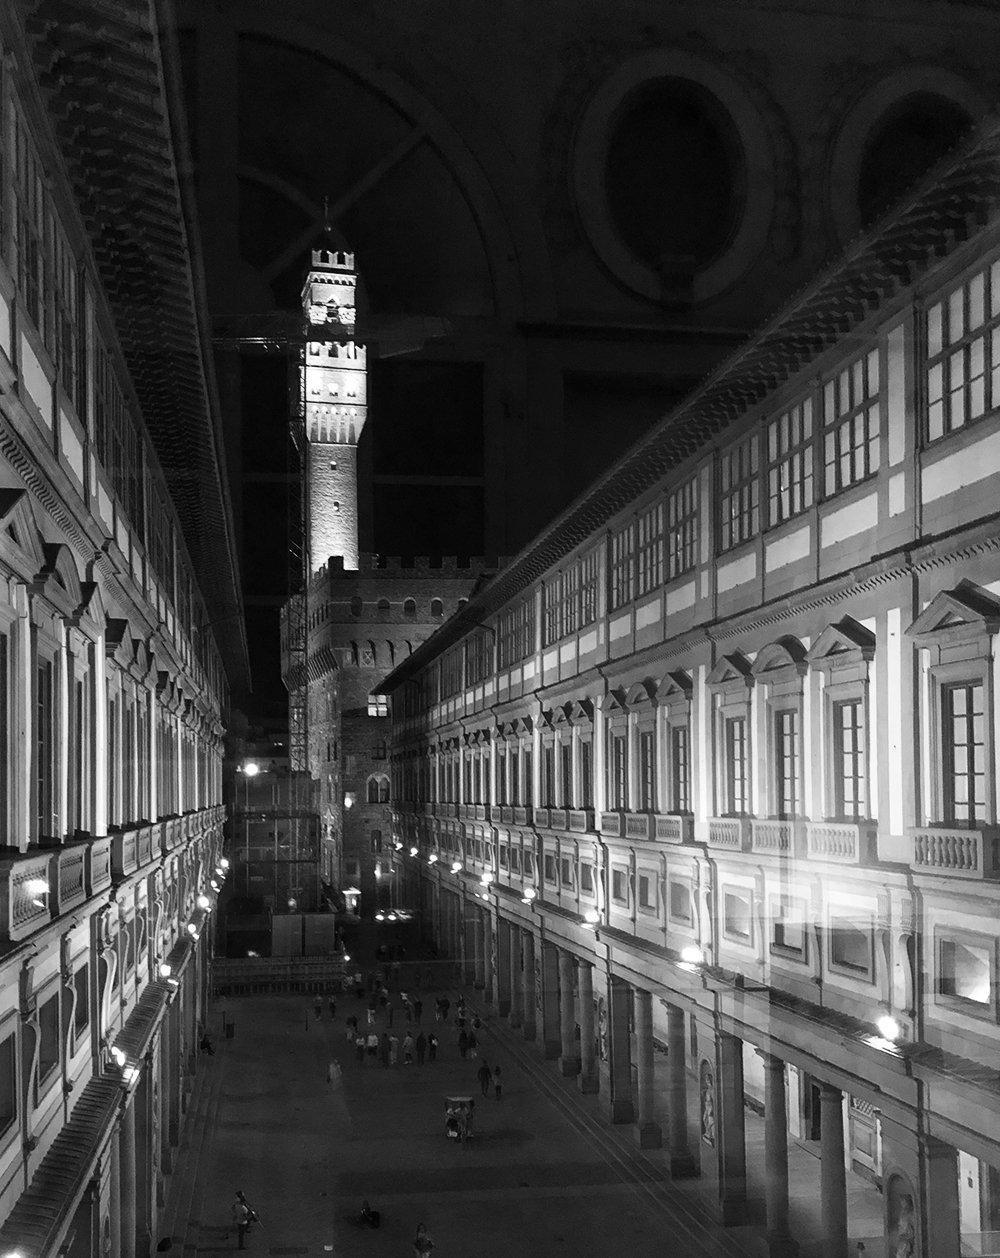 firenze notte palazzo vecchio